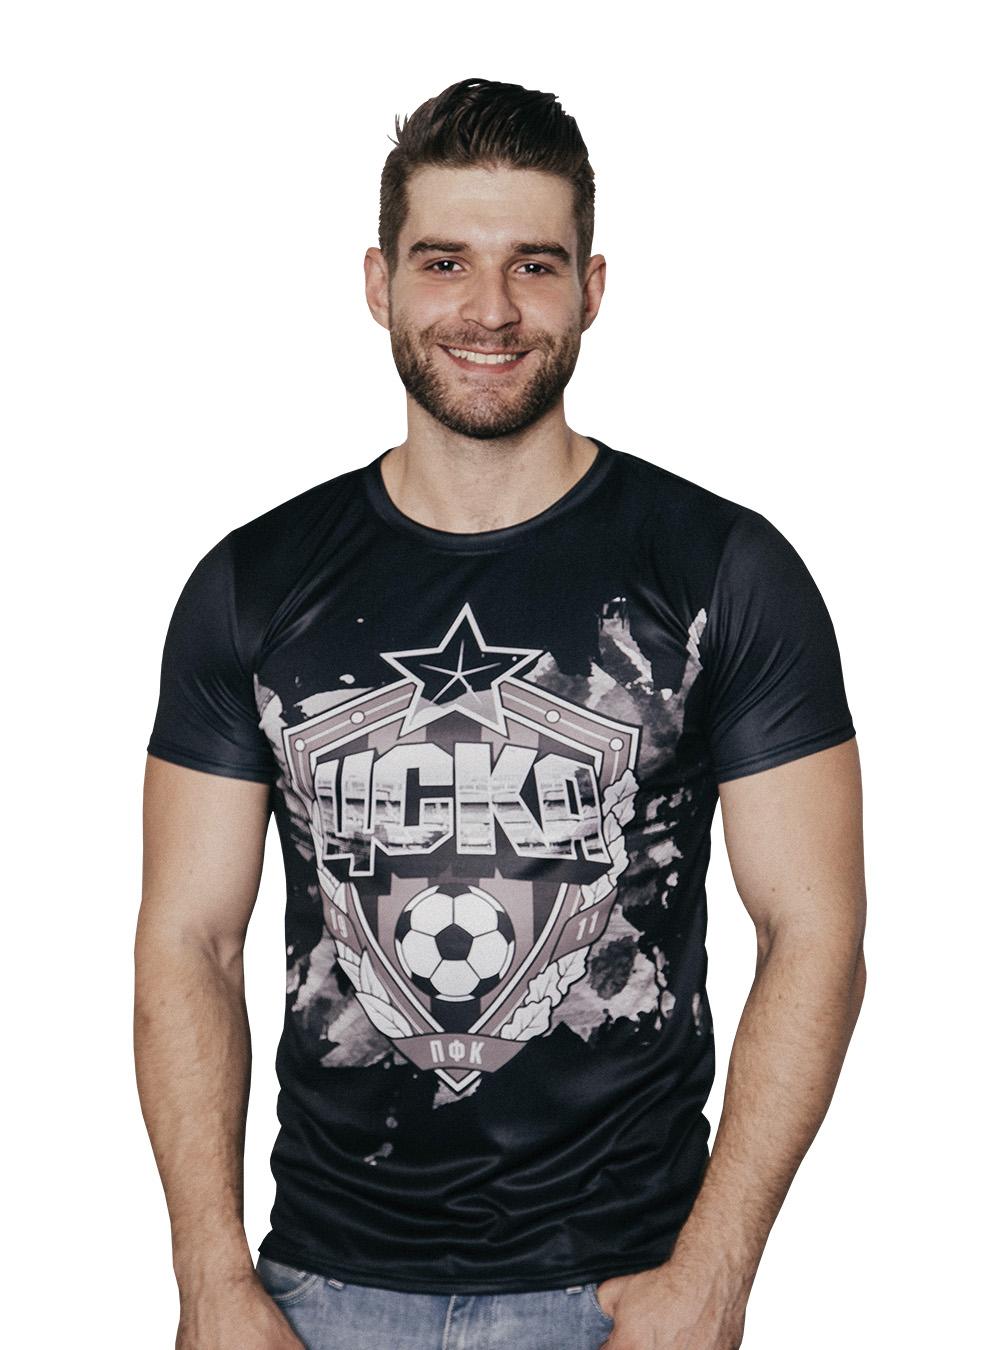 Купить Футболка мужская «Эмблема», цвет чёрный (XXXL) по Нижнему Новгороду